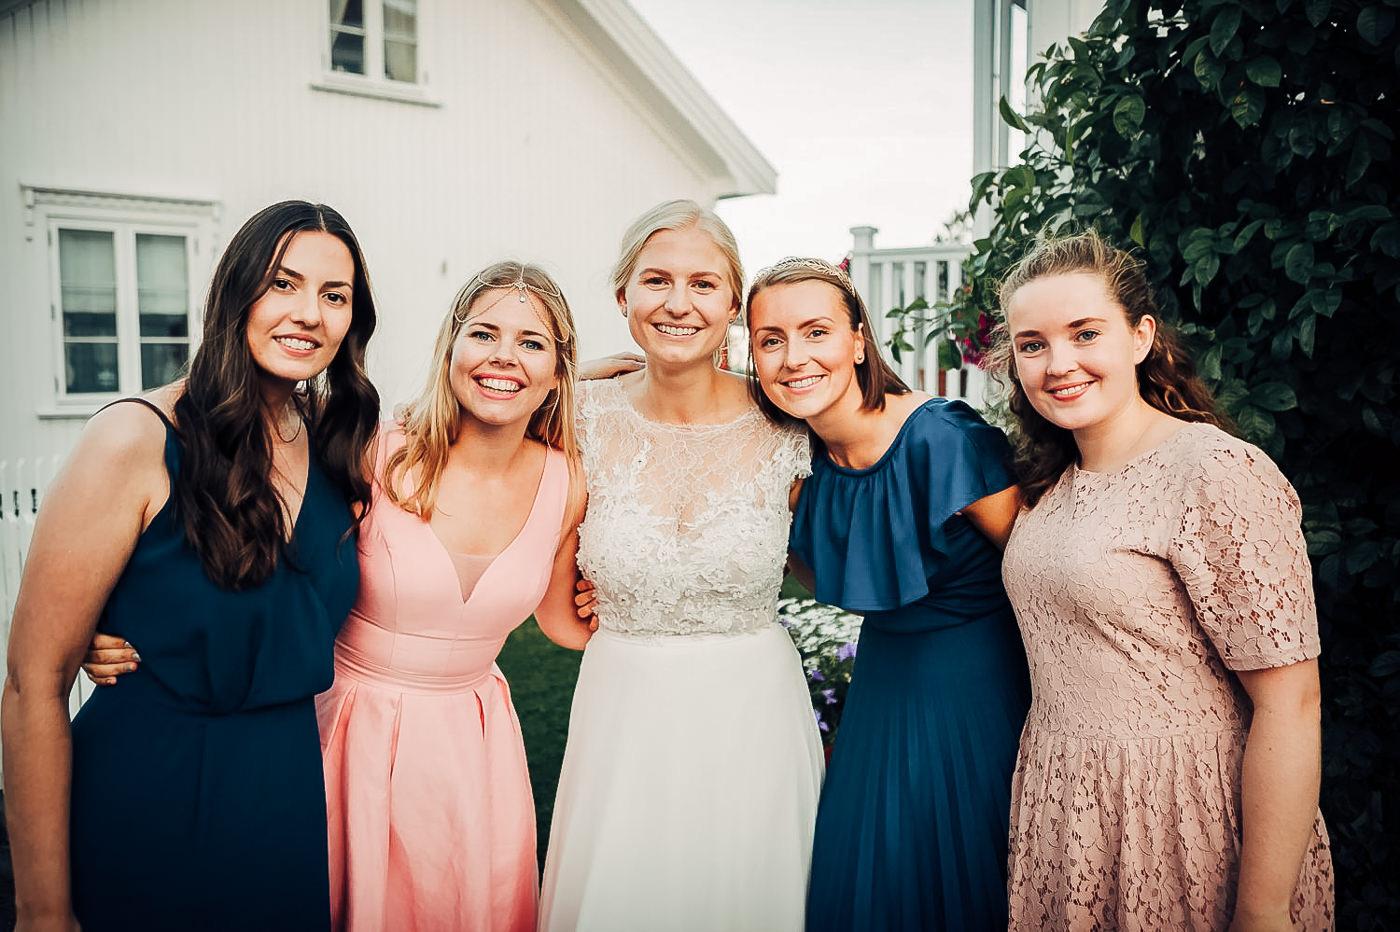 Karianne & Kent - sommerlig heldagsfotografering i Stavern Sommerbryllup Stavern Vestfold 8 Brudepar